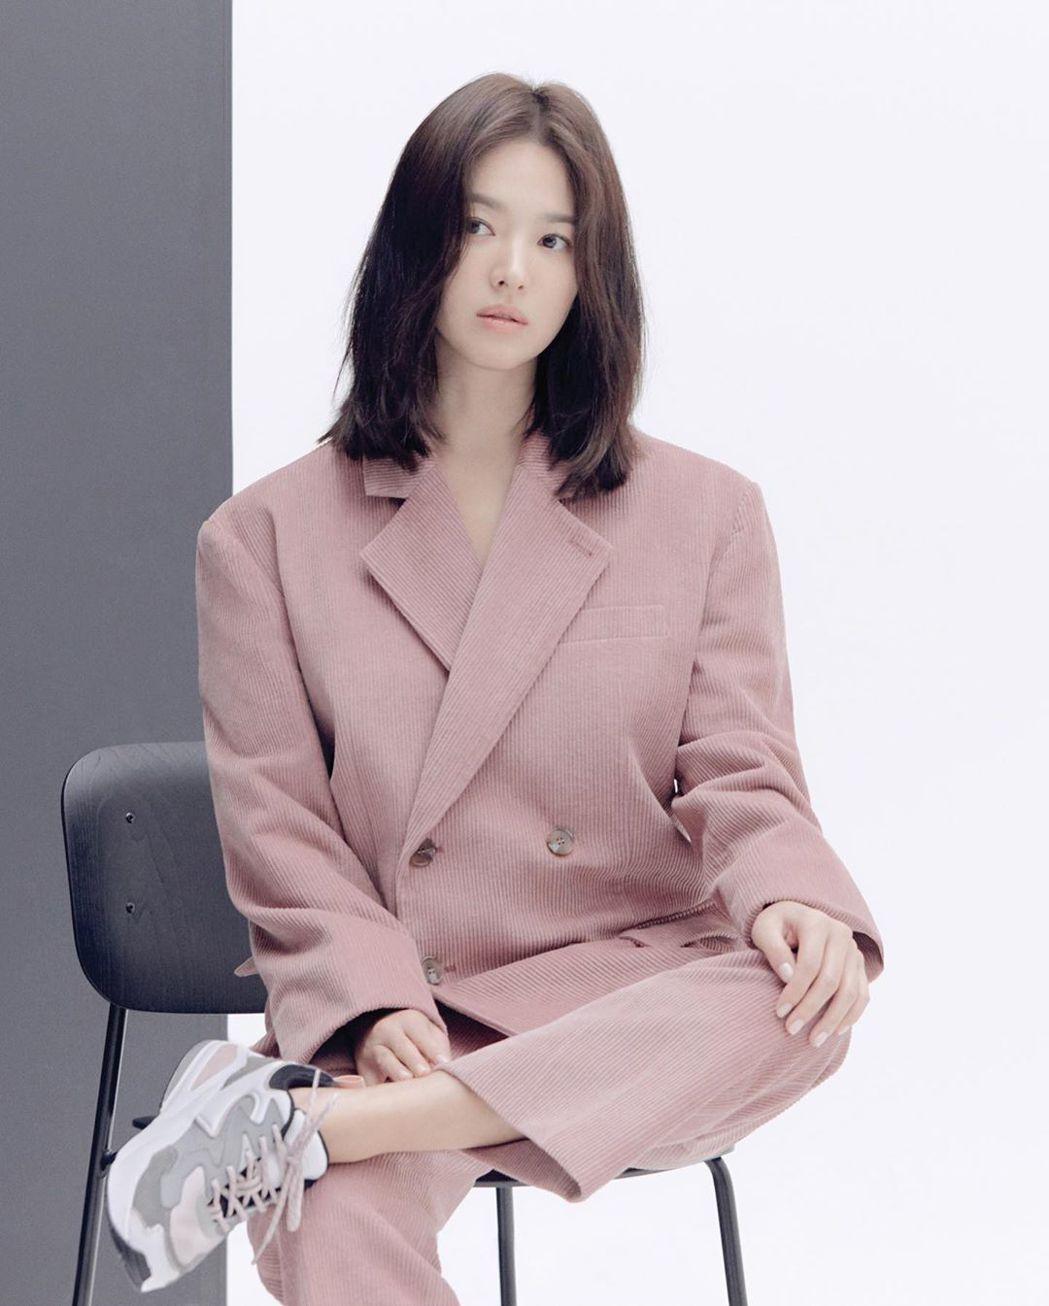 圖/擷自宋慧喬IG